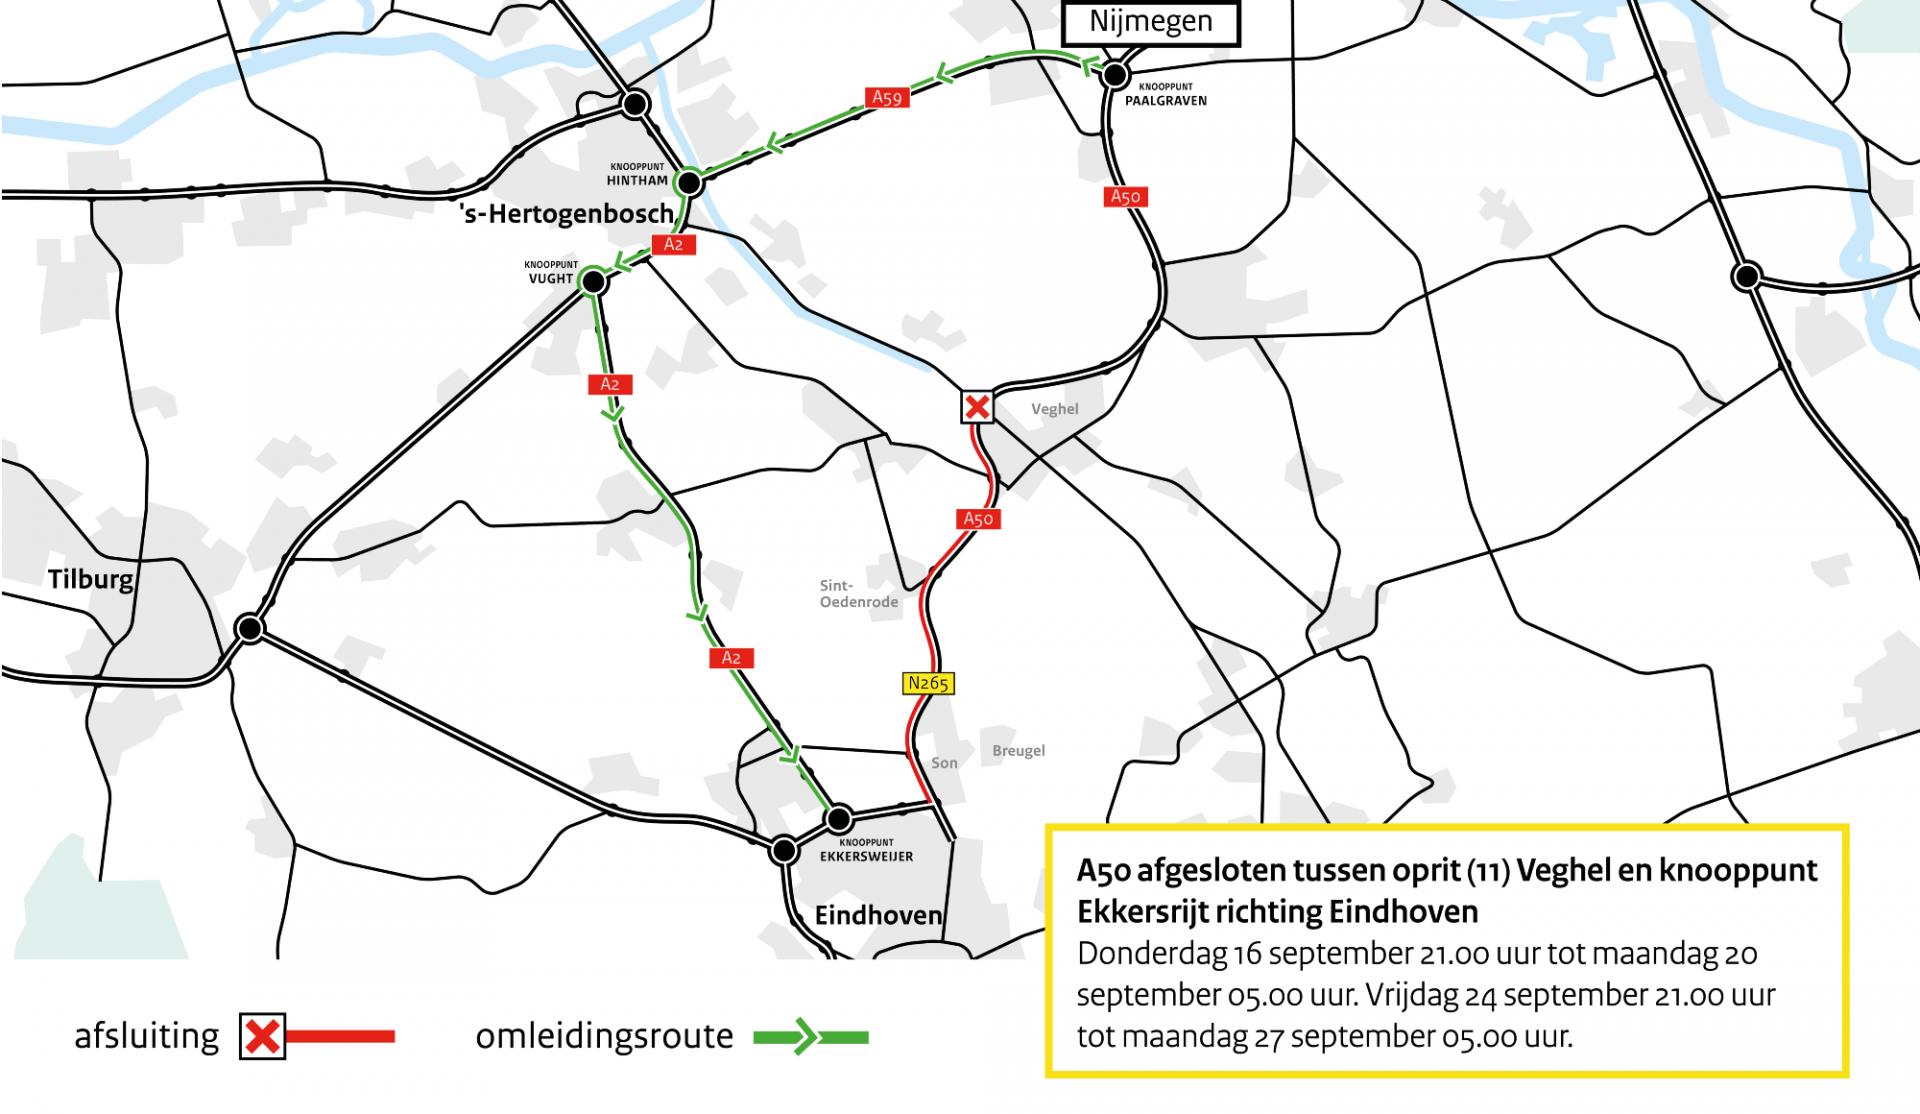 Omleiding A50 tussen Veghel en Ekkersrijt